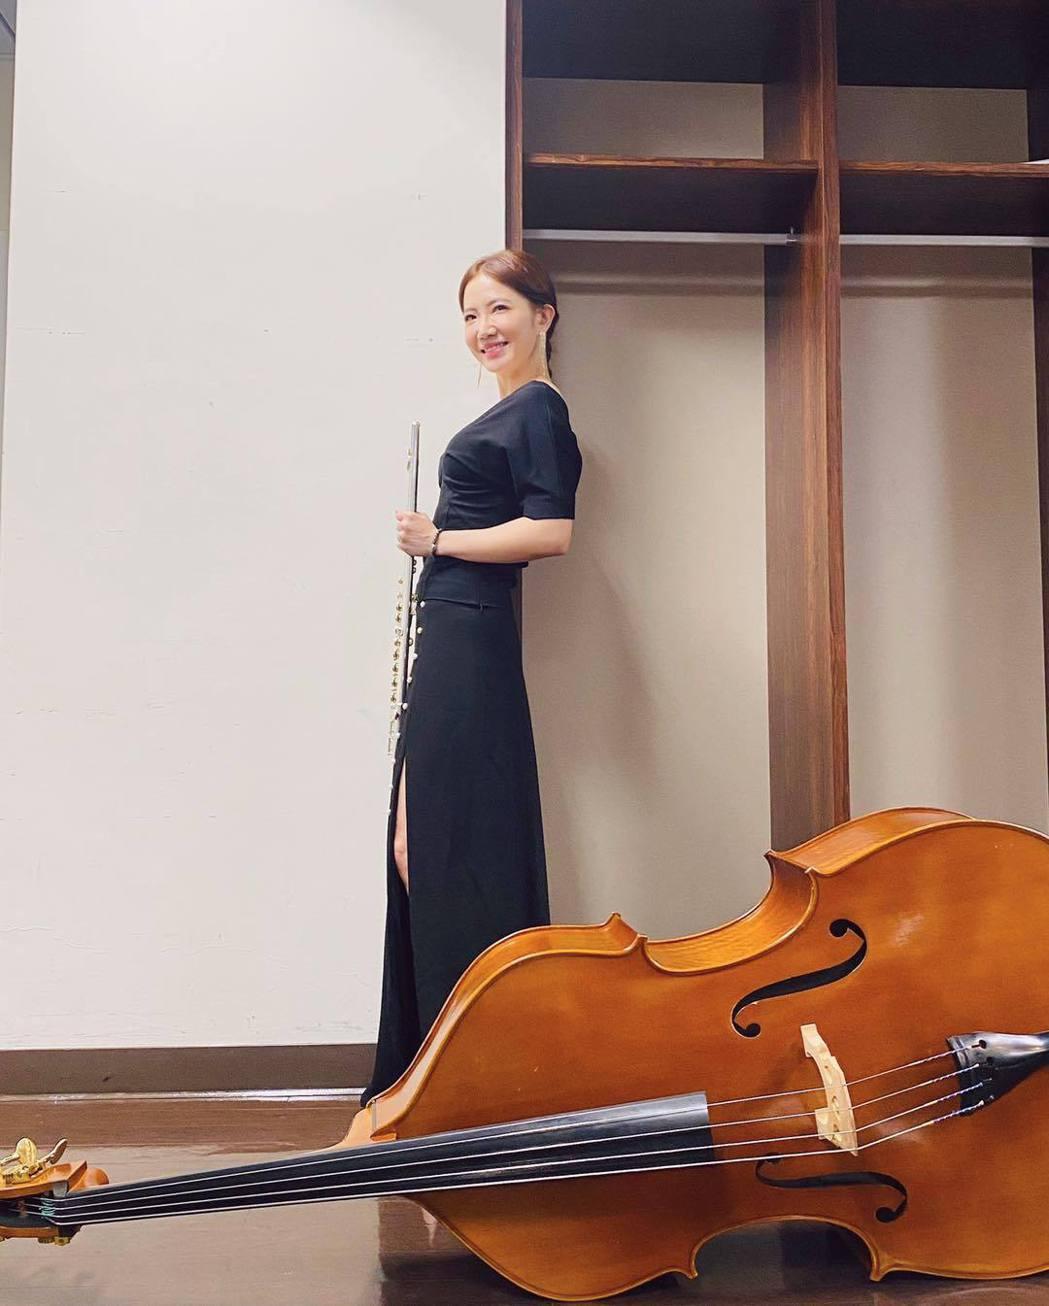 謝忻宣告將披上教師袍重返校園當老師。圖/擷自臉書